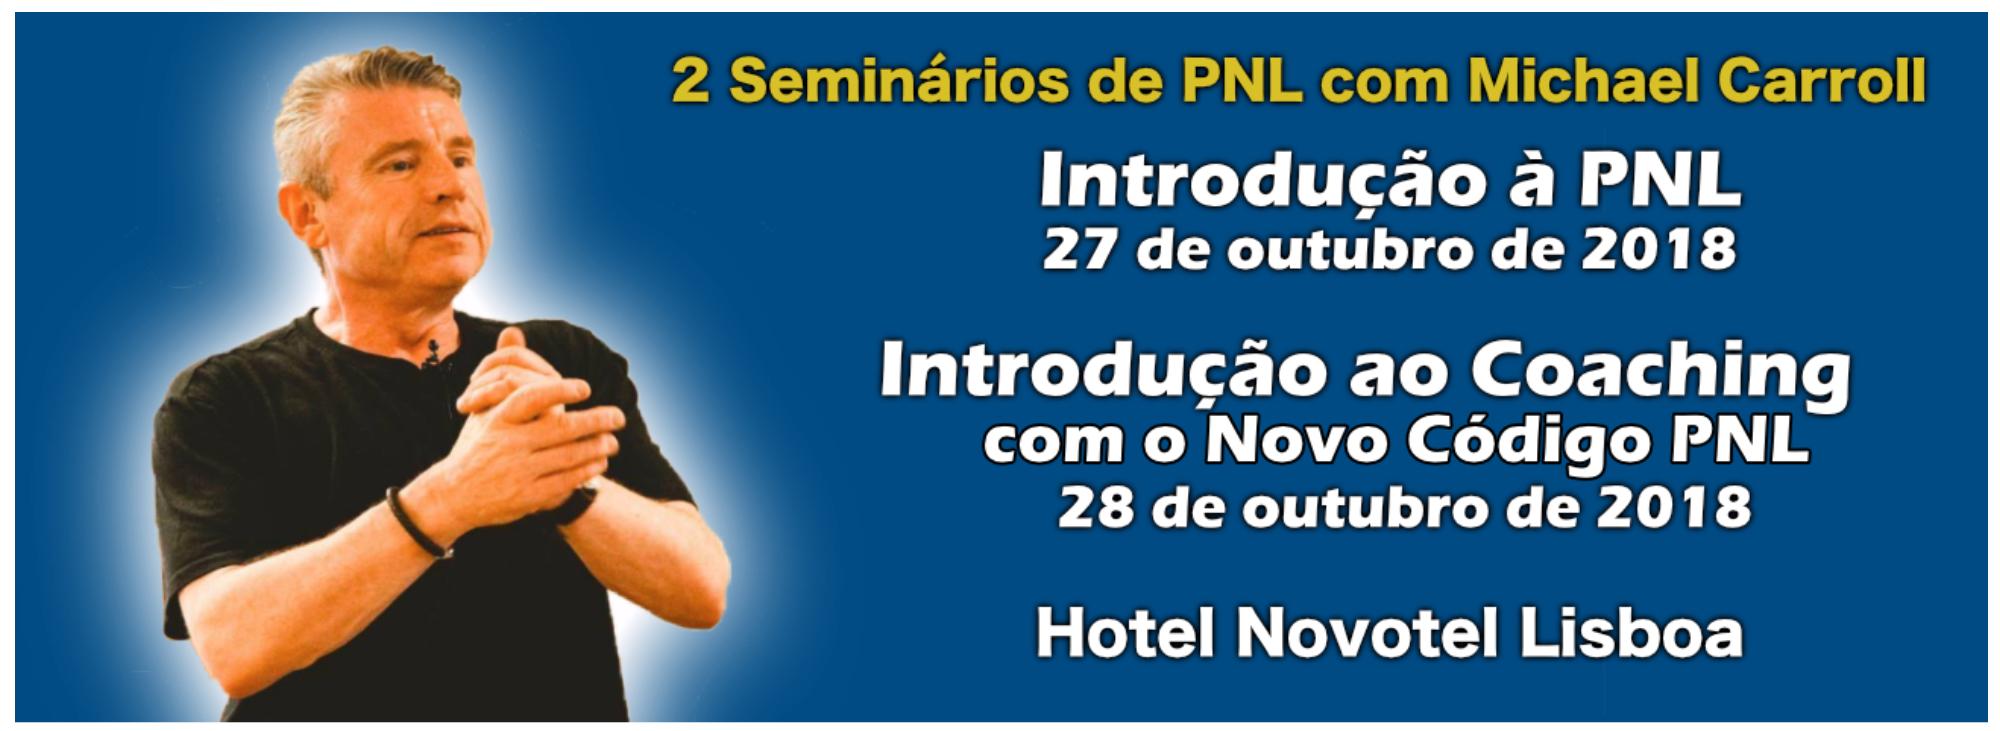 Introducão gratuita à PNL (Lisboa)